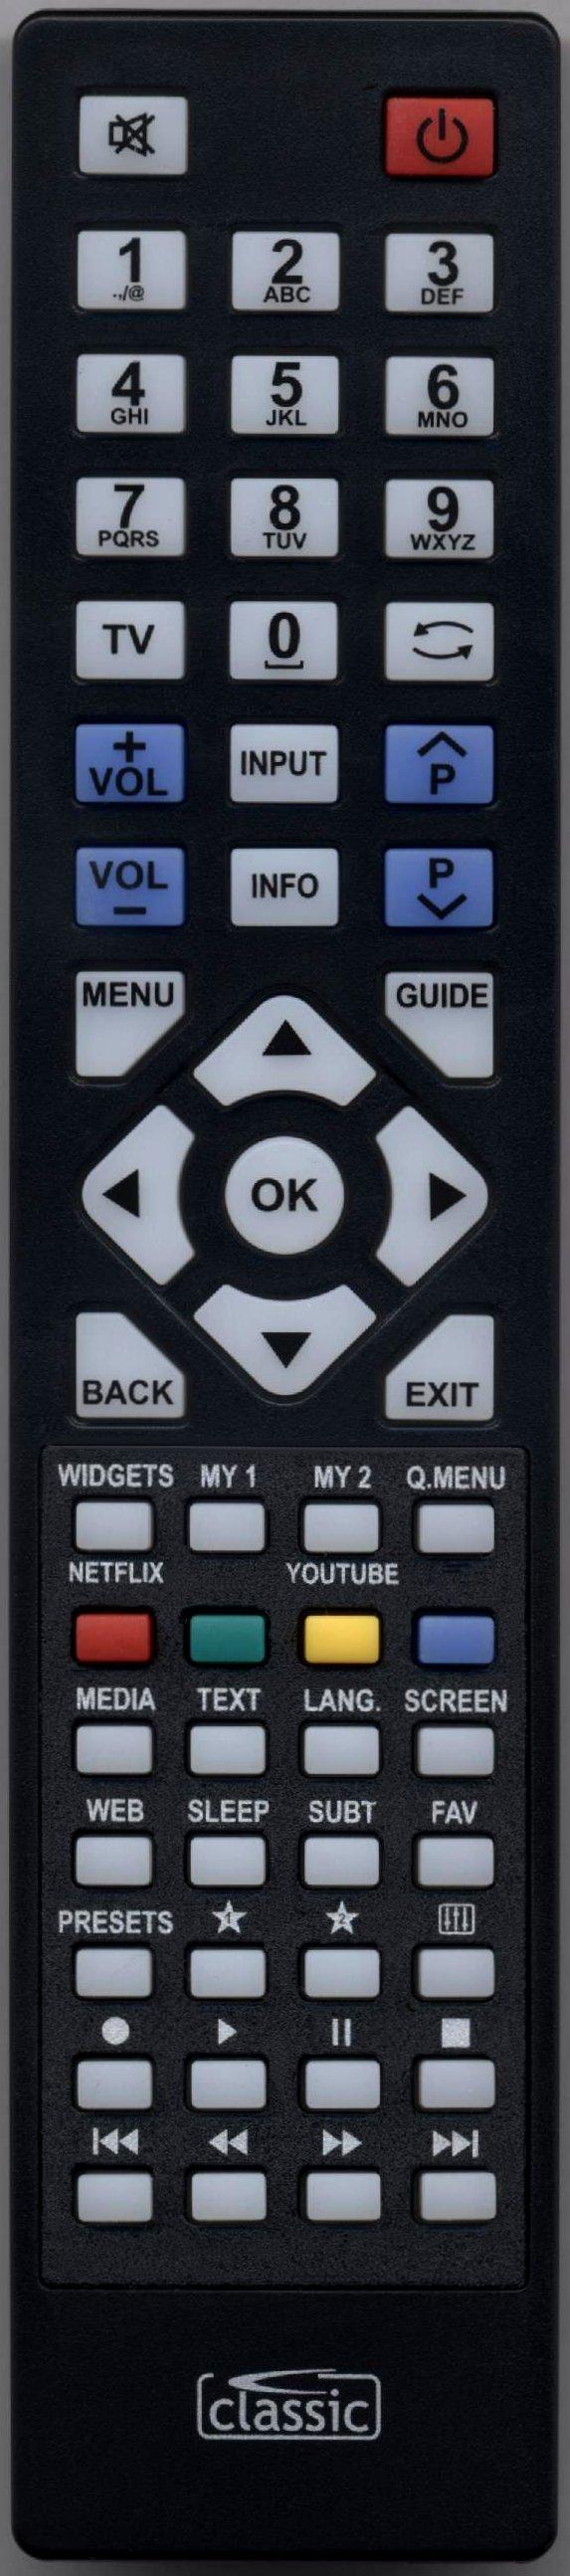 LUXOR LUX0150002/01 Remote Control Alternative